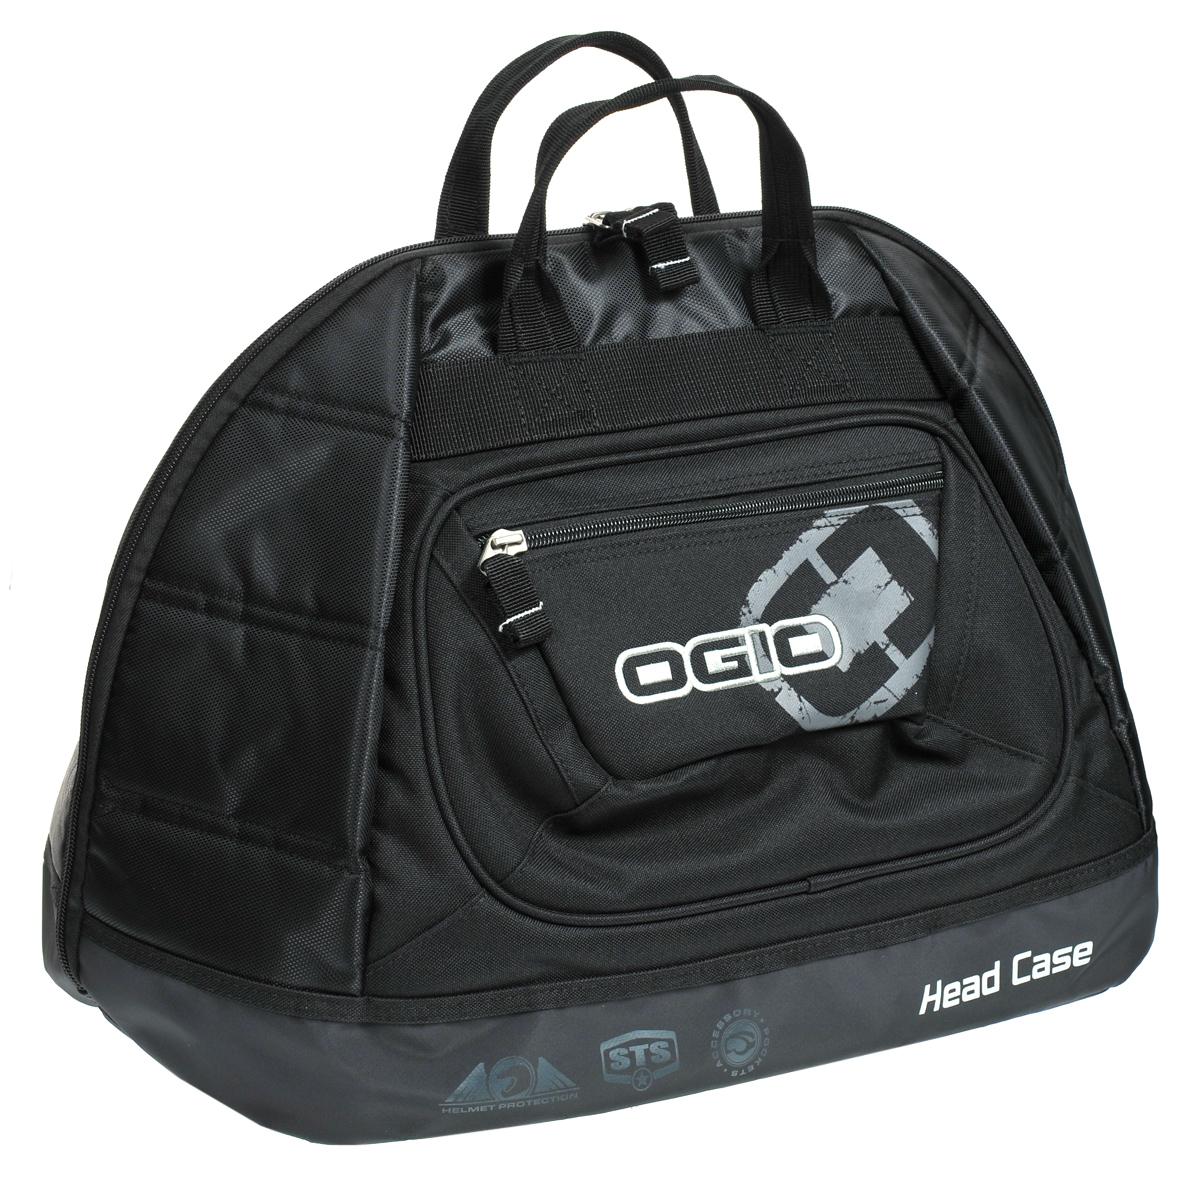 Сумка Ogio Head Case Stealth, цвет: черныйS76245В эту сумку прекрасно влезают все виды вело- мотошлемов со стабилизаторами и без них.Здесь имеются встроенные поролоновые панели IFOM и дополнительная текстильная подкладка обеспечивают надежную защиту. Более того, защитные карманы молний предотвращают появление царапин от зубцов молний, а вместительный карман обеспечит легкий доступ к очкам, линзам и отрывным пленкам. Кроме того имеется наружный карман на молнии для ценных вещей. Поддон долговечен, благодаря армированию. Инновационная технология iFOM представляет собой слой из поролона, который крепится к материалу внешнего покрытия. Этот слой не только обеспечивает надежную защиту находящихся внутри вещей, но также создает дополнительную структурную жесткость, придавая сумке элегантный и законченный внешний видКОМПЛЕКТАЦИЯВместительная сумка для шлема. Подходит для всех типов и размеров шлемов со стабилизаторами и без них.Встроенные поролоновые панели IFOM и дополнительная текстильная подкладка обеспечивают надежную защиту.Защитные карманы молний предотвращают появление царапин.Вместительный карман с легким доступом для очков, линз и отрывных пленок.Наружный карман на молнии для ценных вещей.Долговечный армированный поддон.Скрытая передняя панель для укладки.